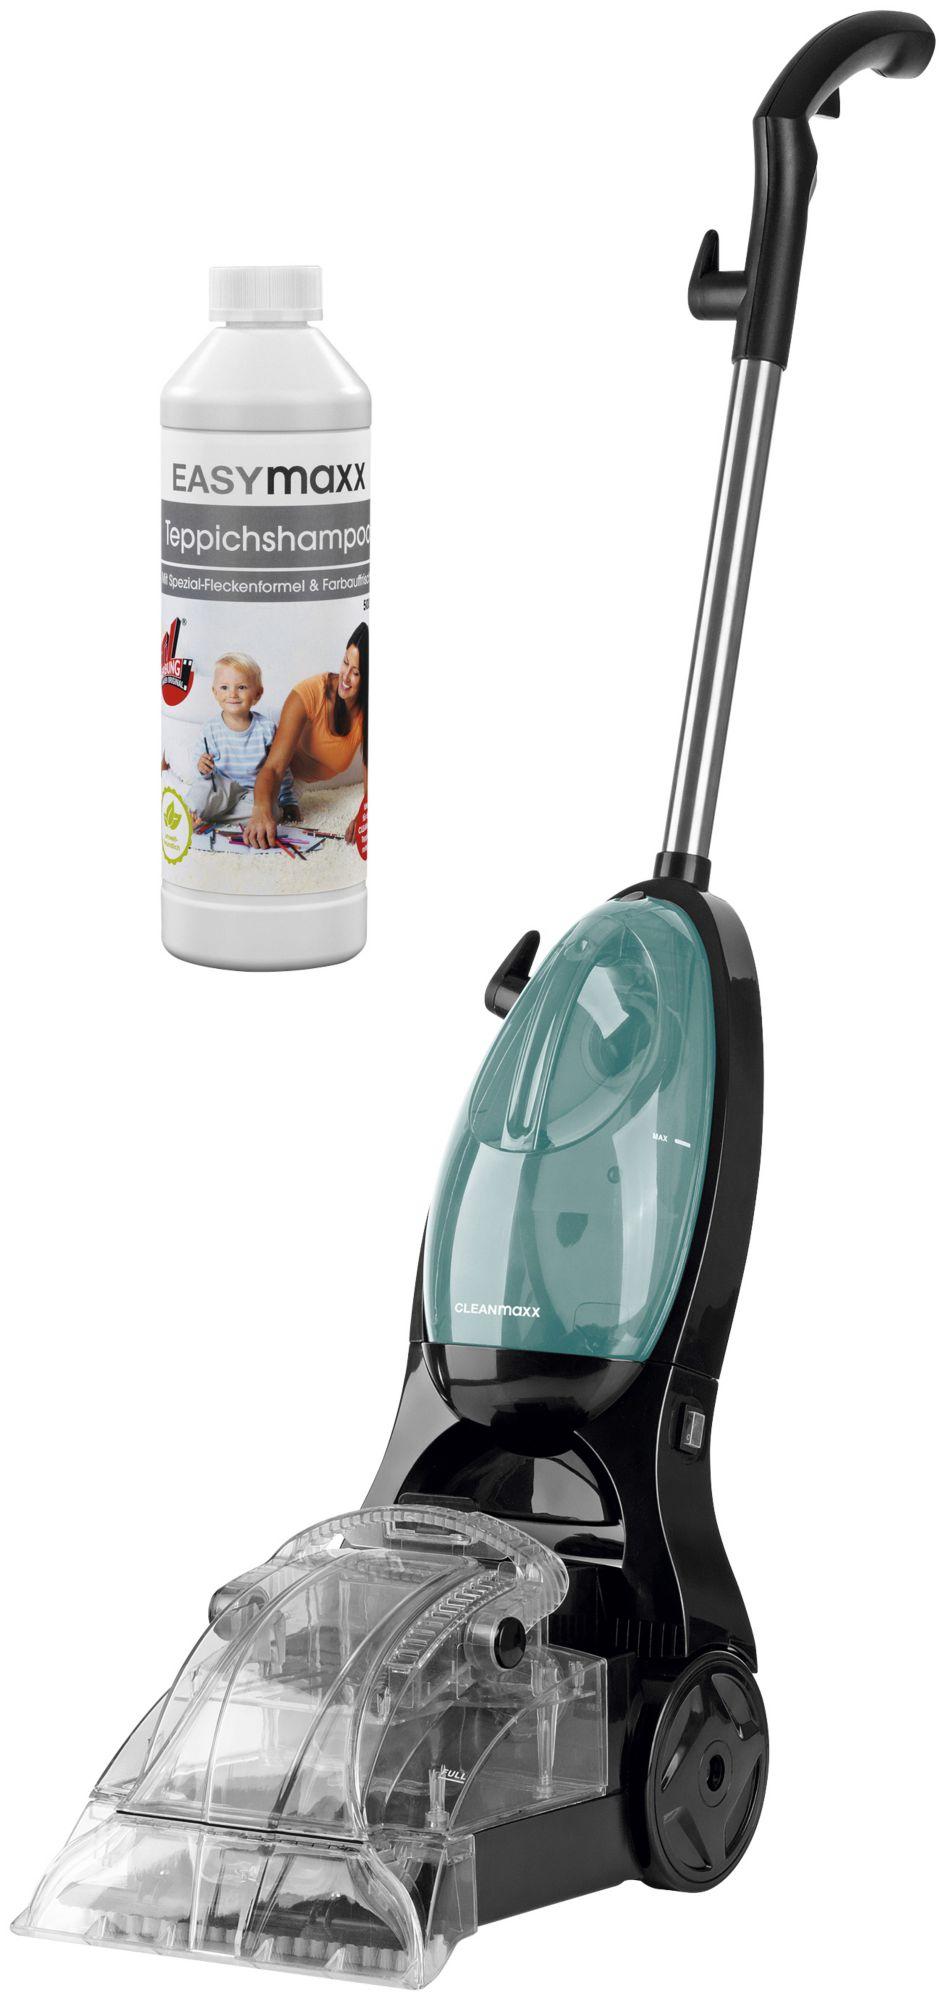 CLEAN MAXX Clean Maxx Teppichreiniger 500W schwarz mit Teppichshampoo